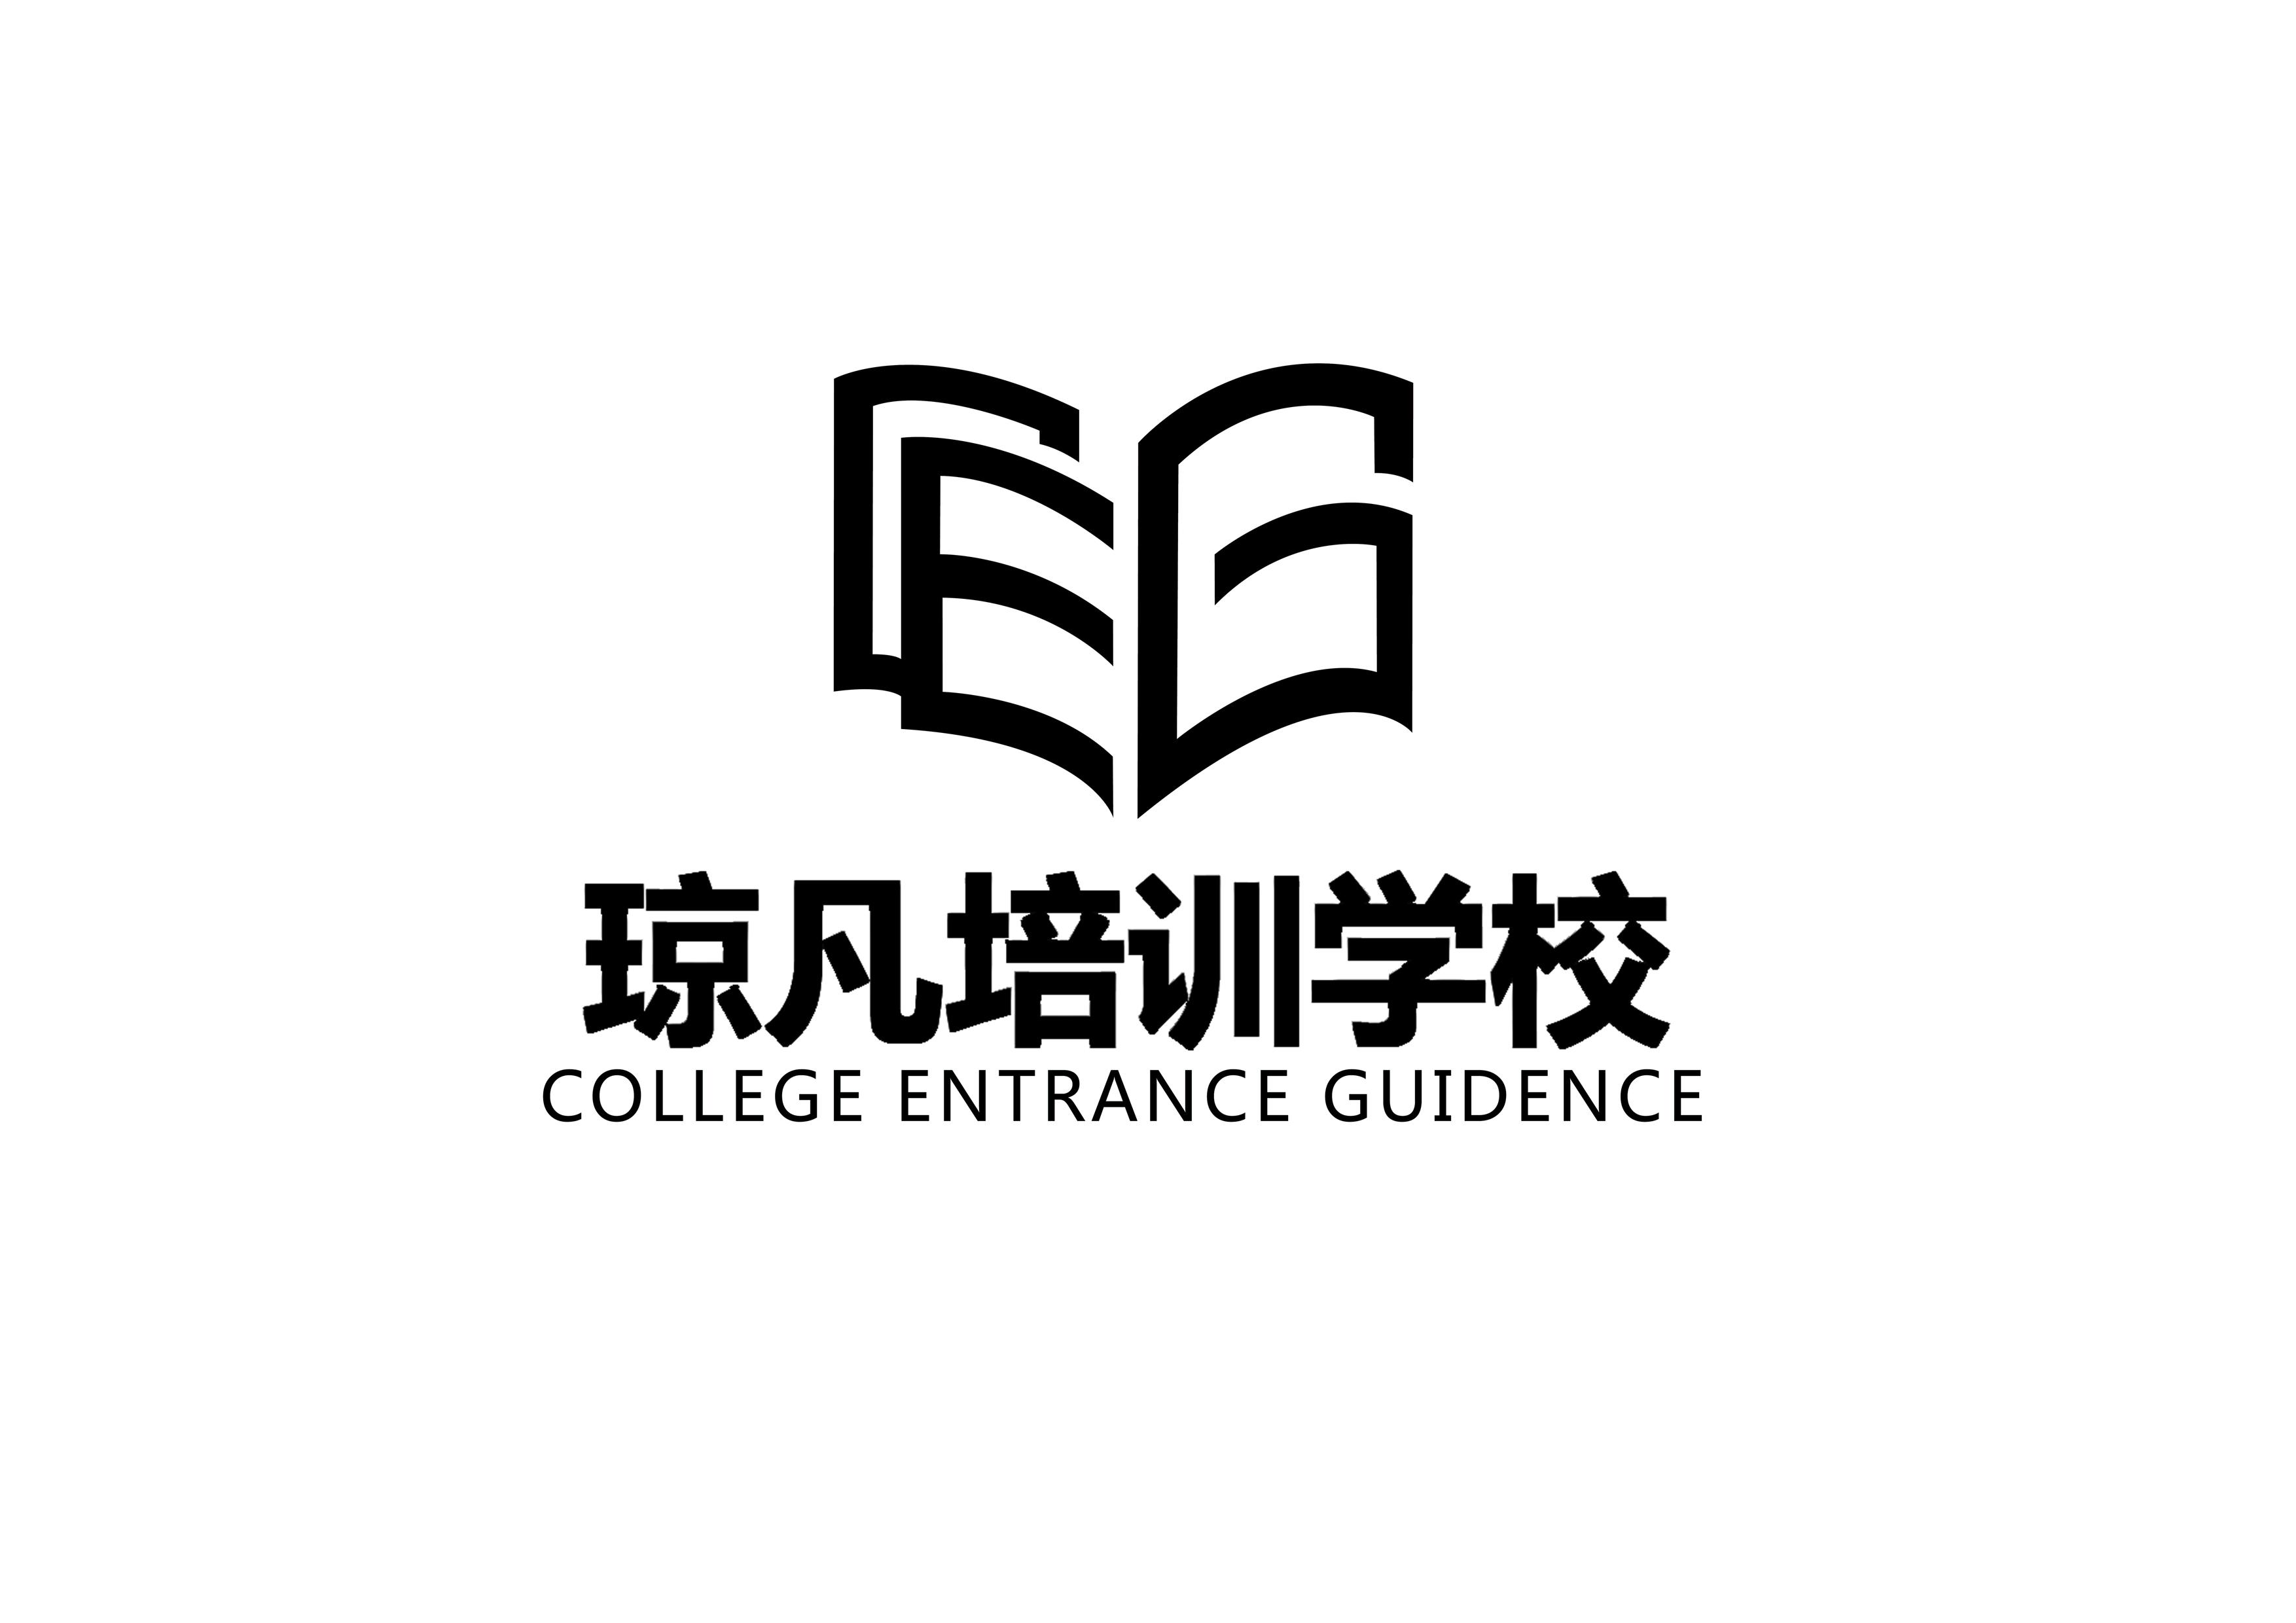 银川市琼凡培训学校有限公司